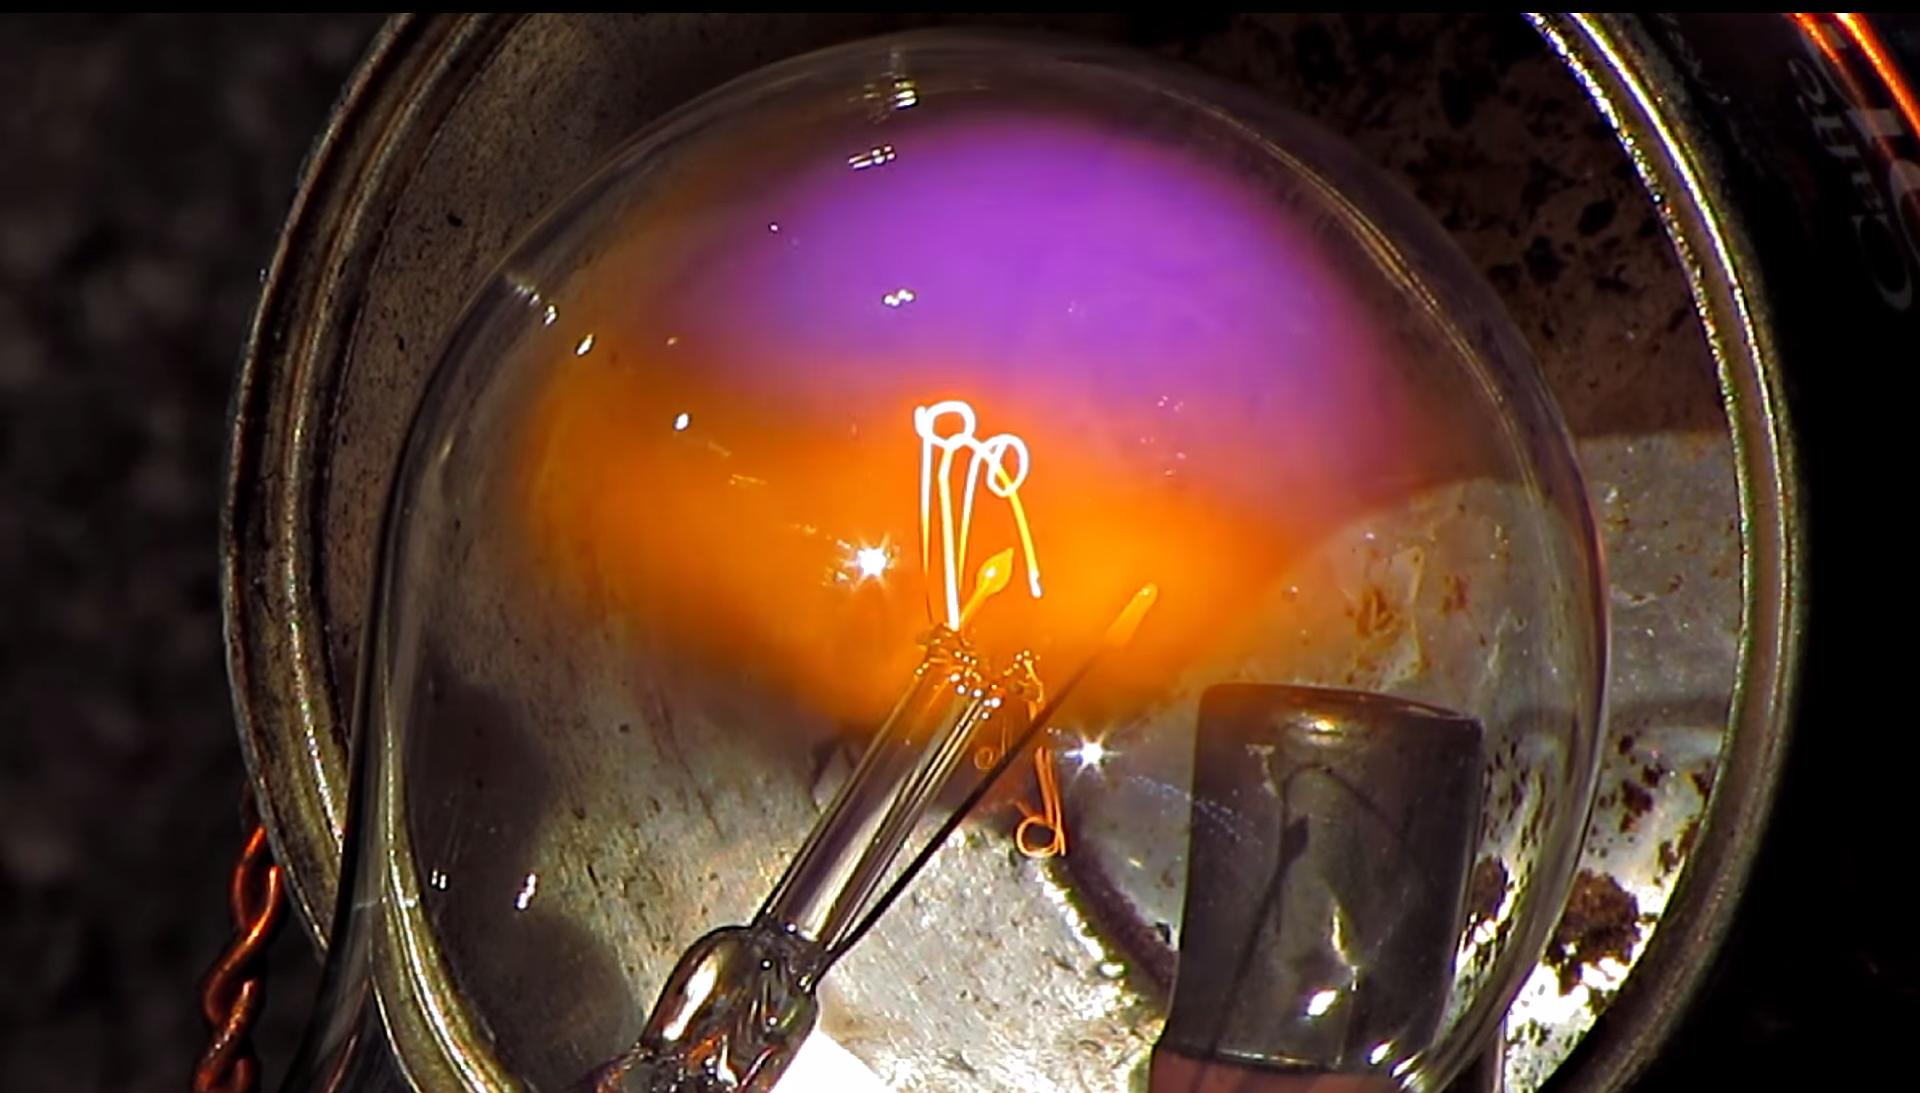 Veja o assustador poder de um micro-ondas fazer plasma e queimar coisas